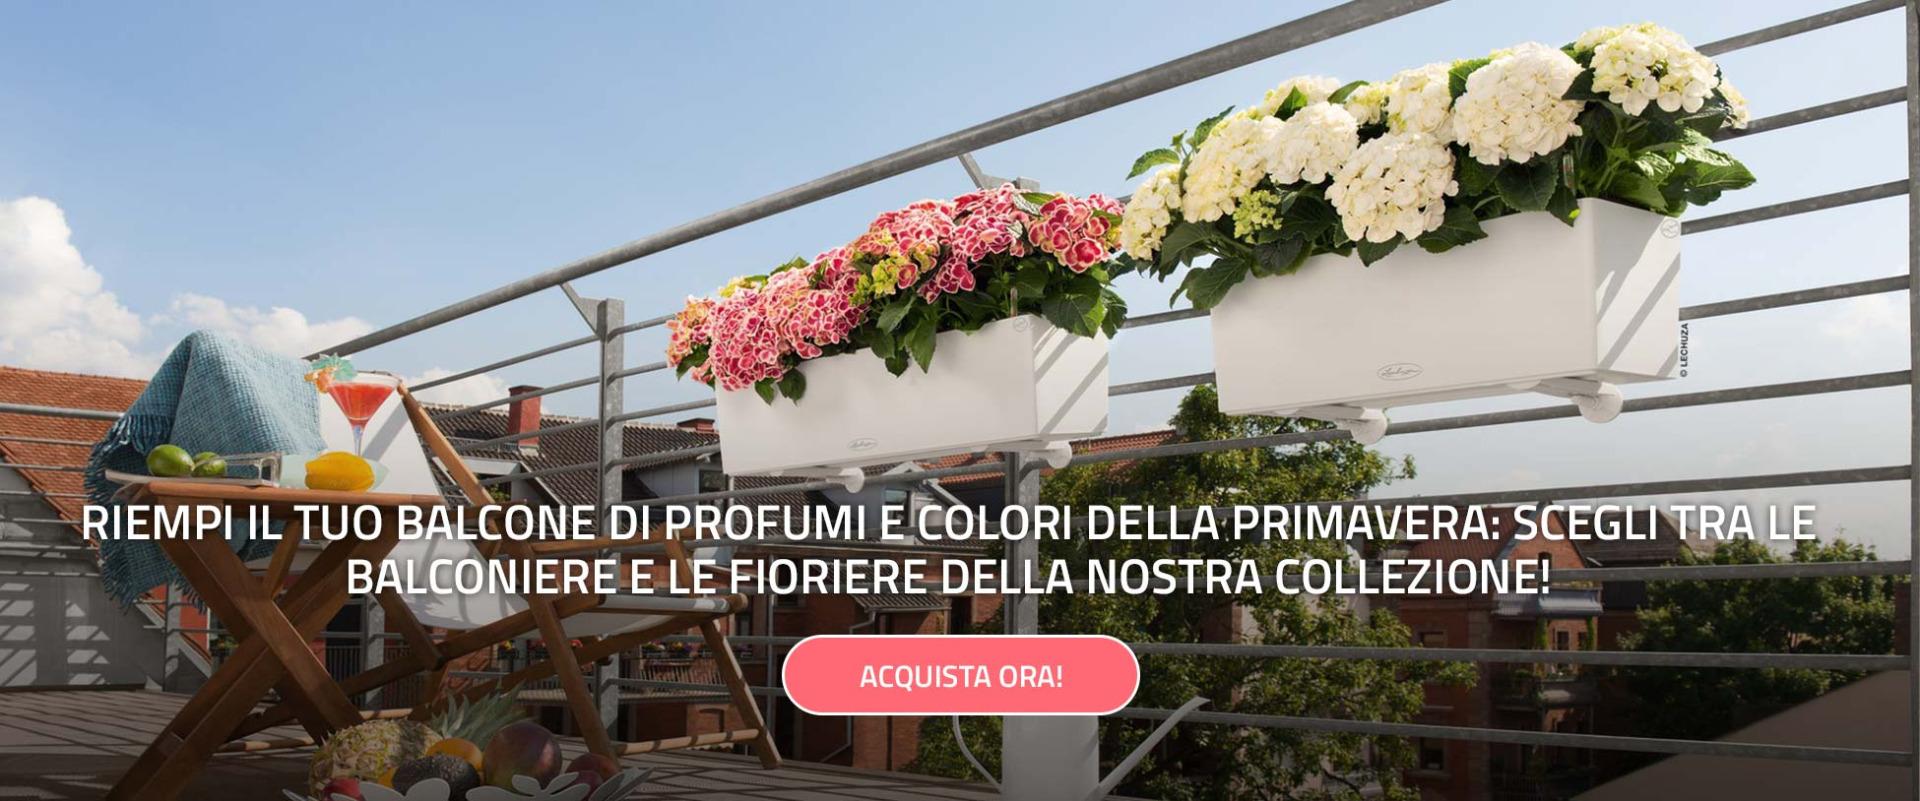 Collezione fioriere e balconiere